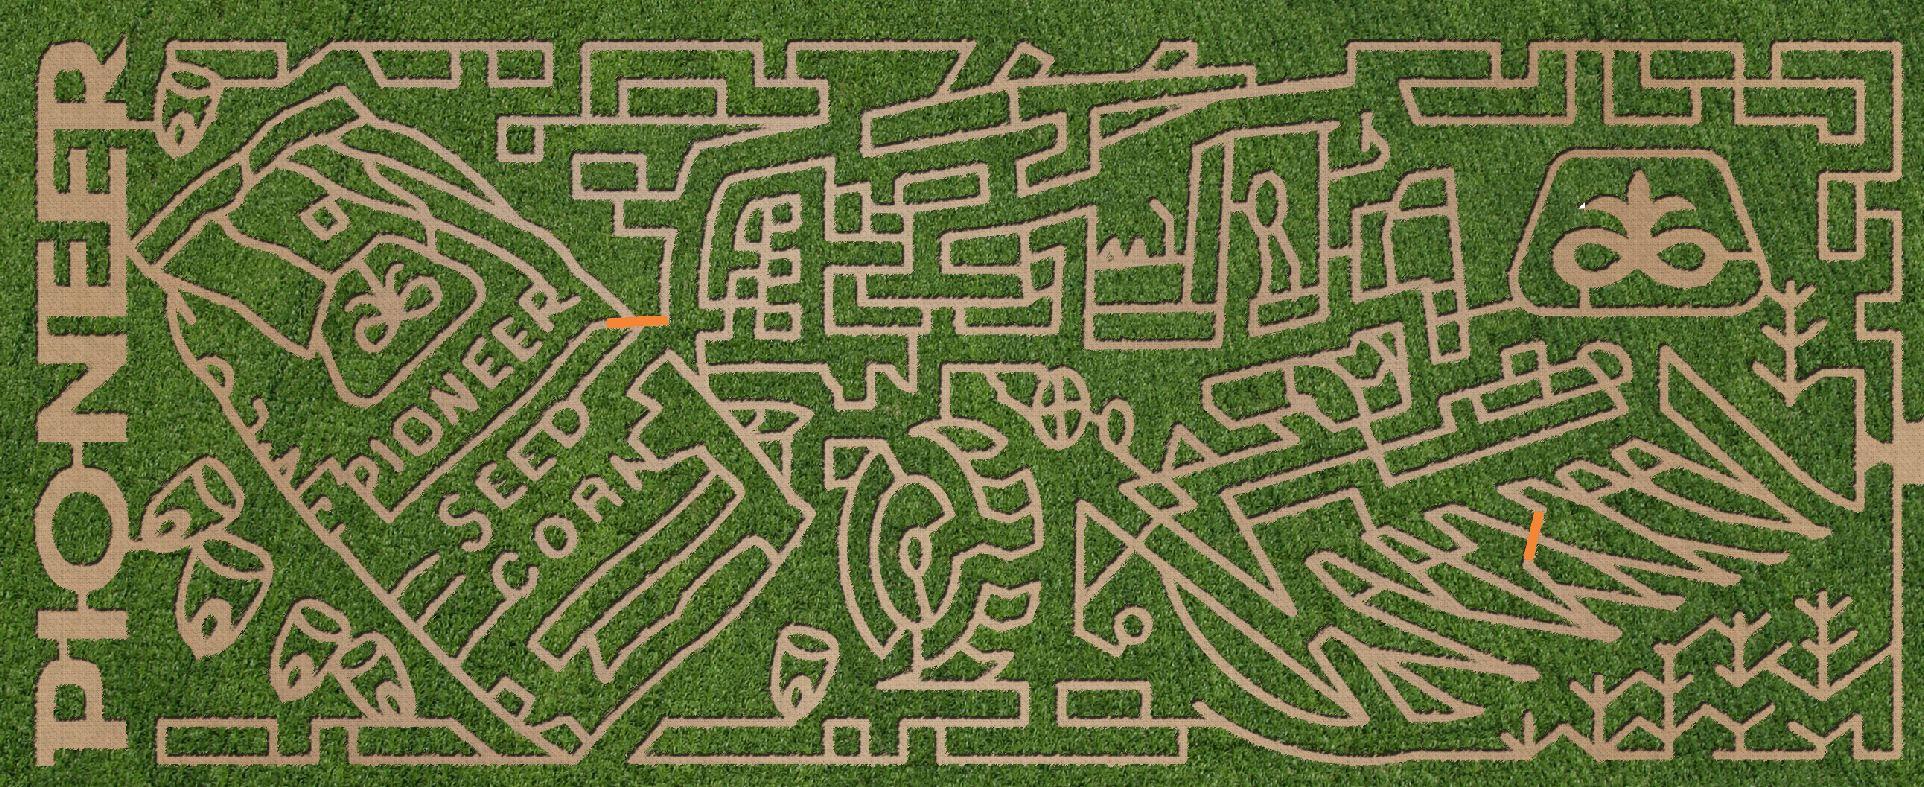 Maze 2010.JPG